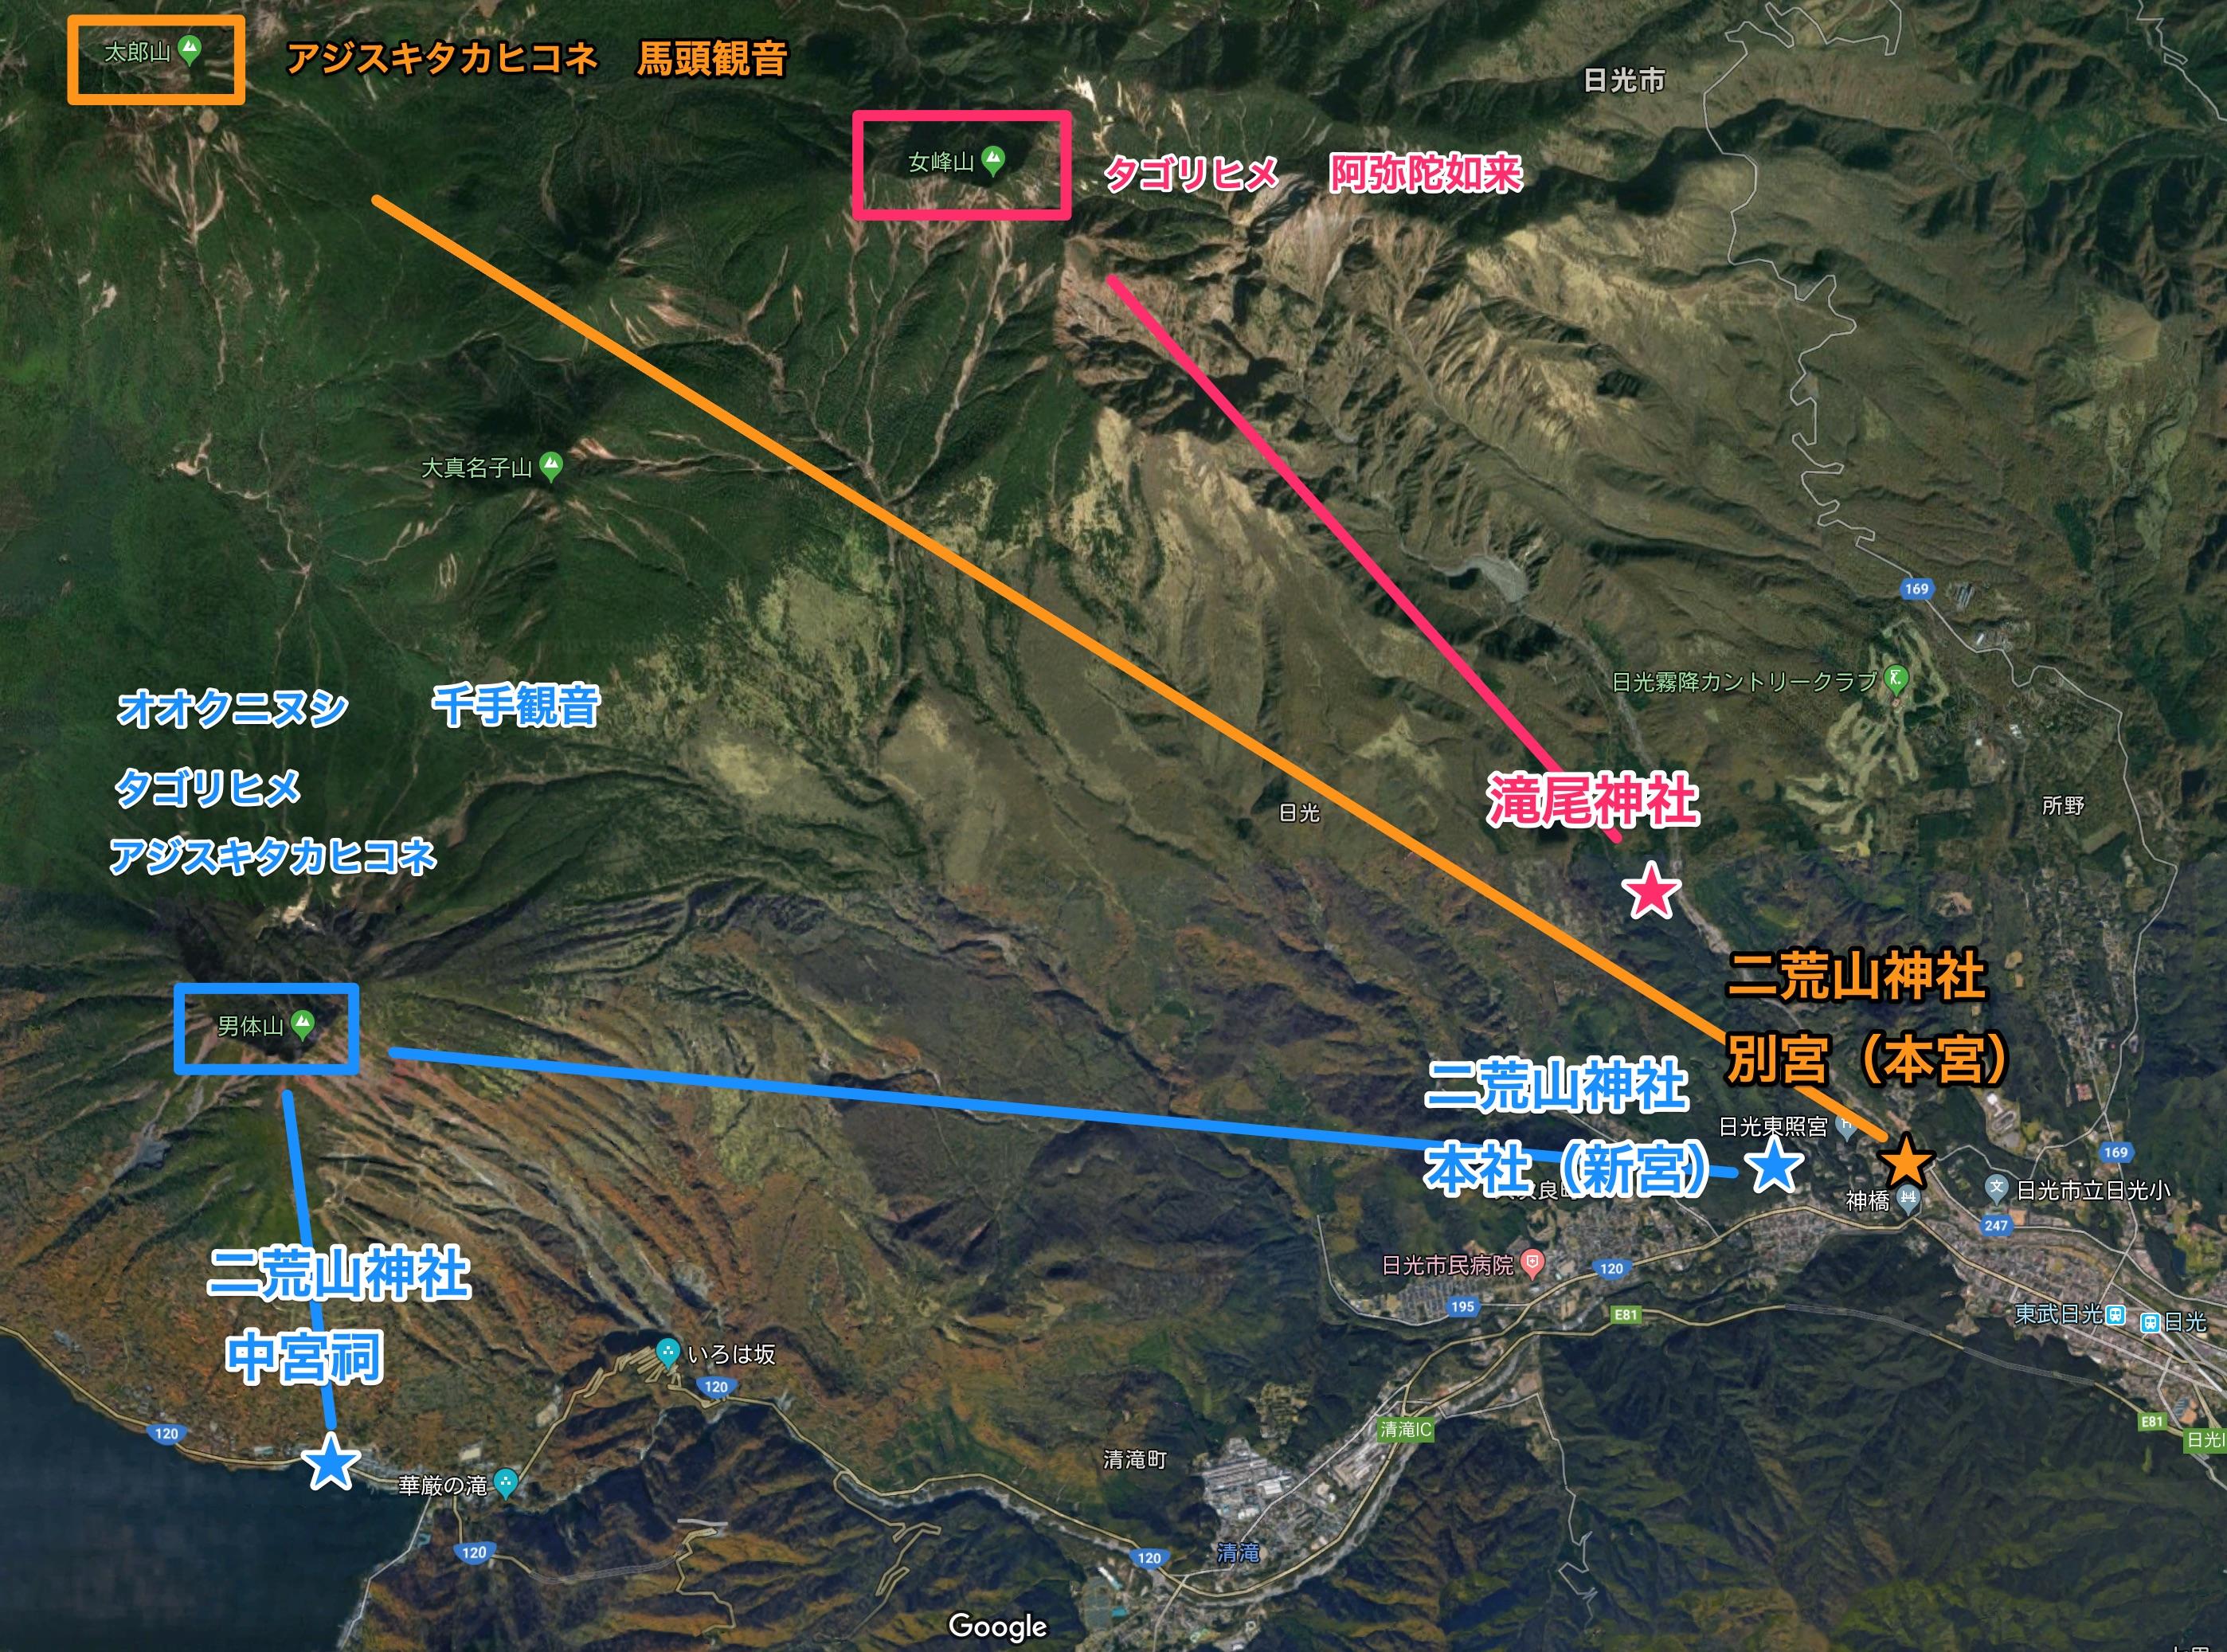 日光三山全体マップ